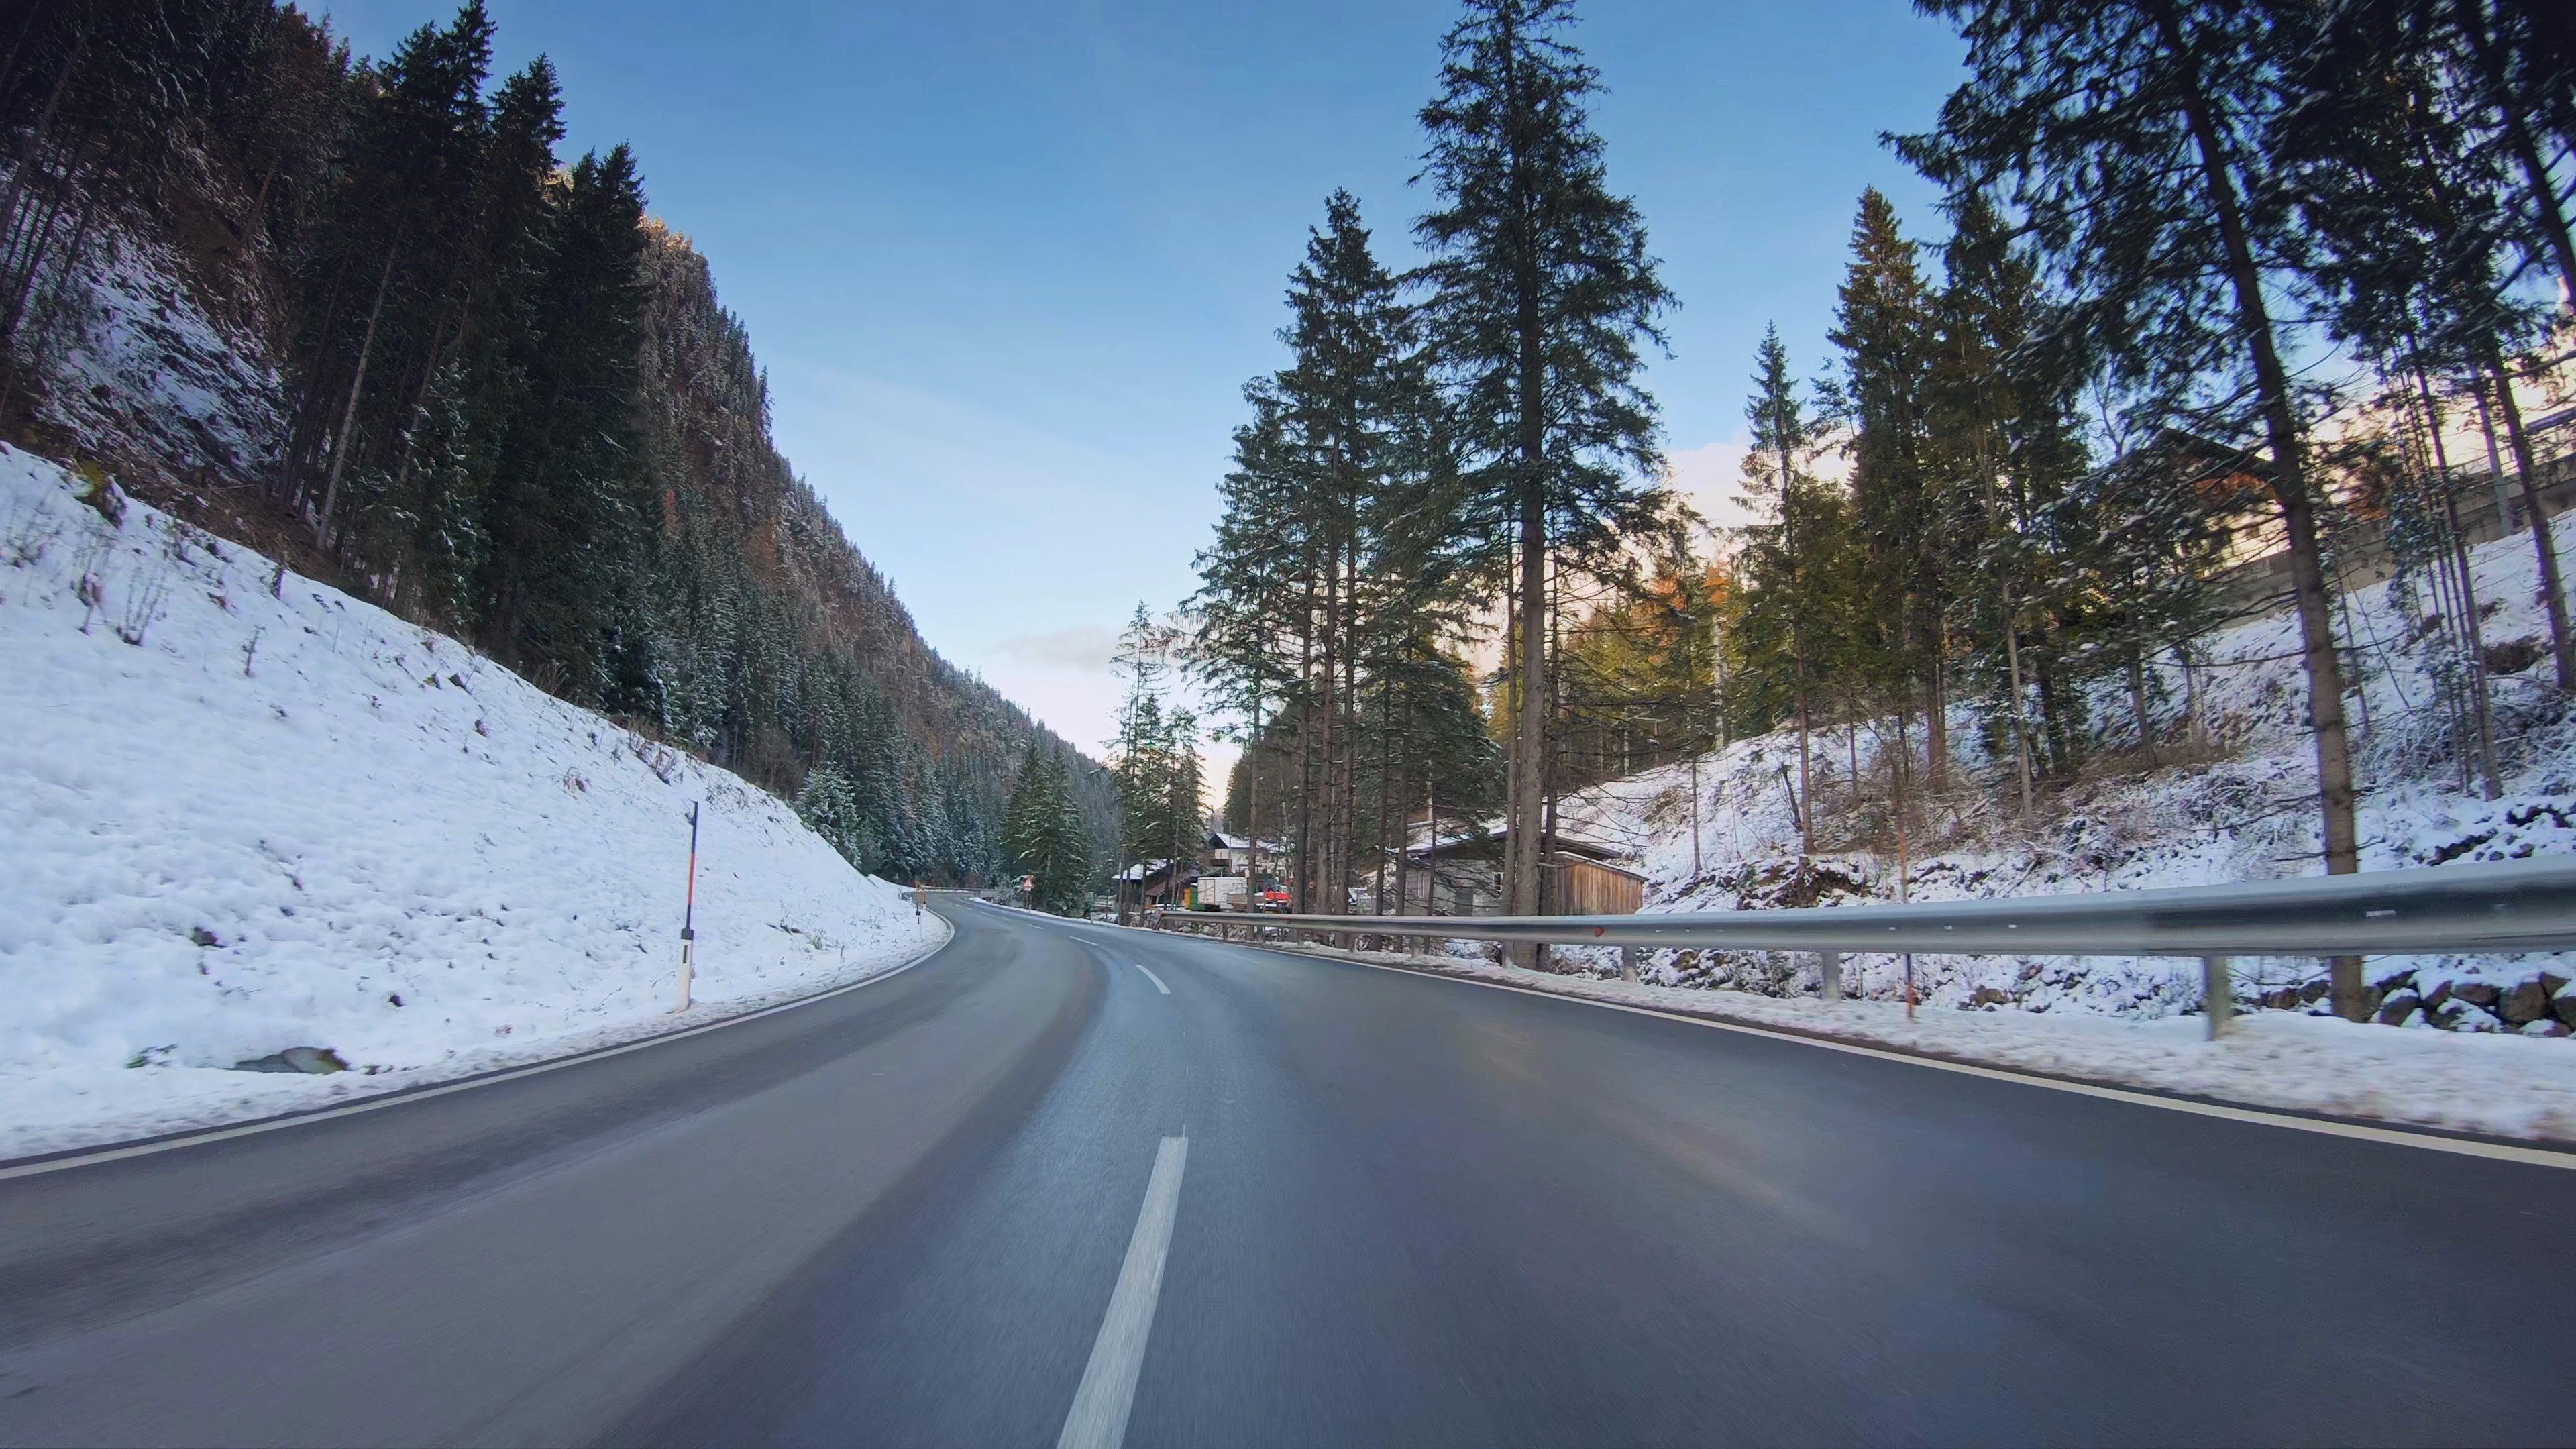 Winter Beauty Winter Scenery Winter Landscape Winter Pictures